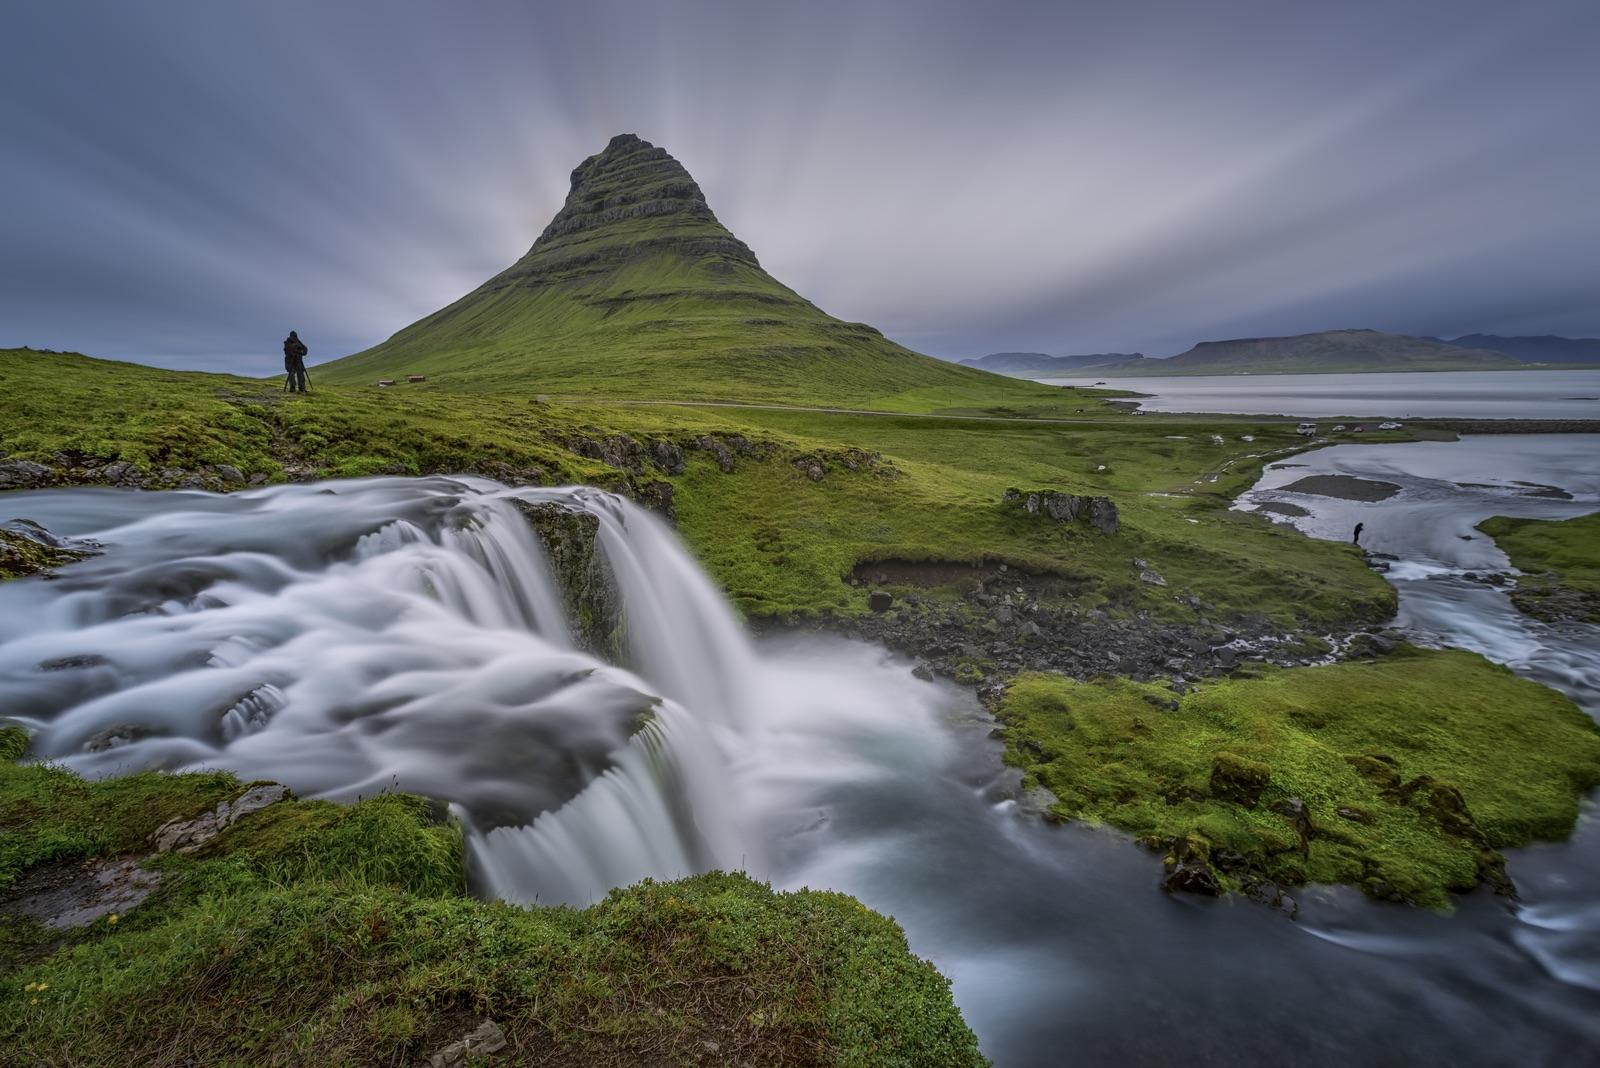 被苔藓覆盖的冰岛西部斯奈山半岛草帽山